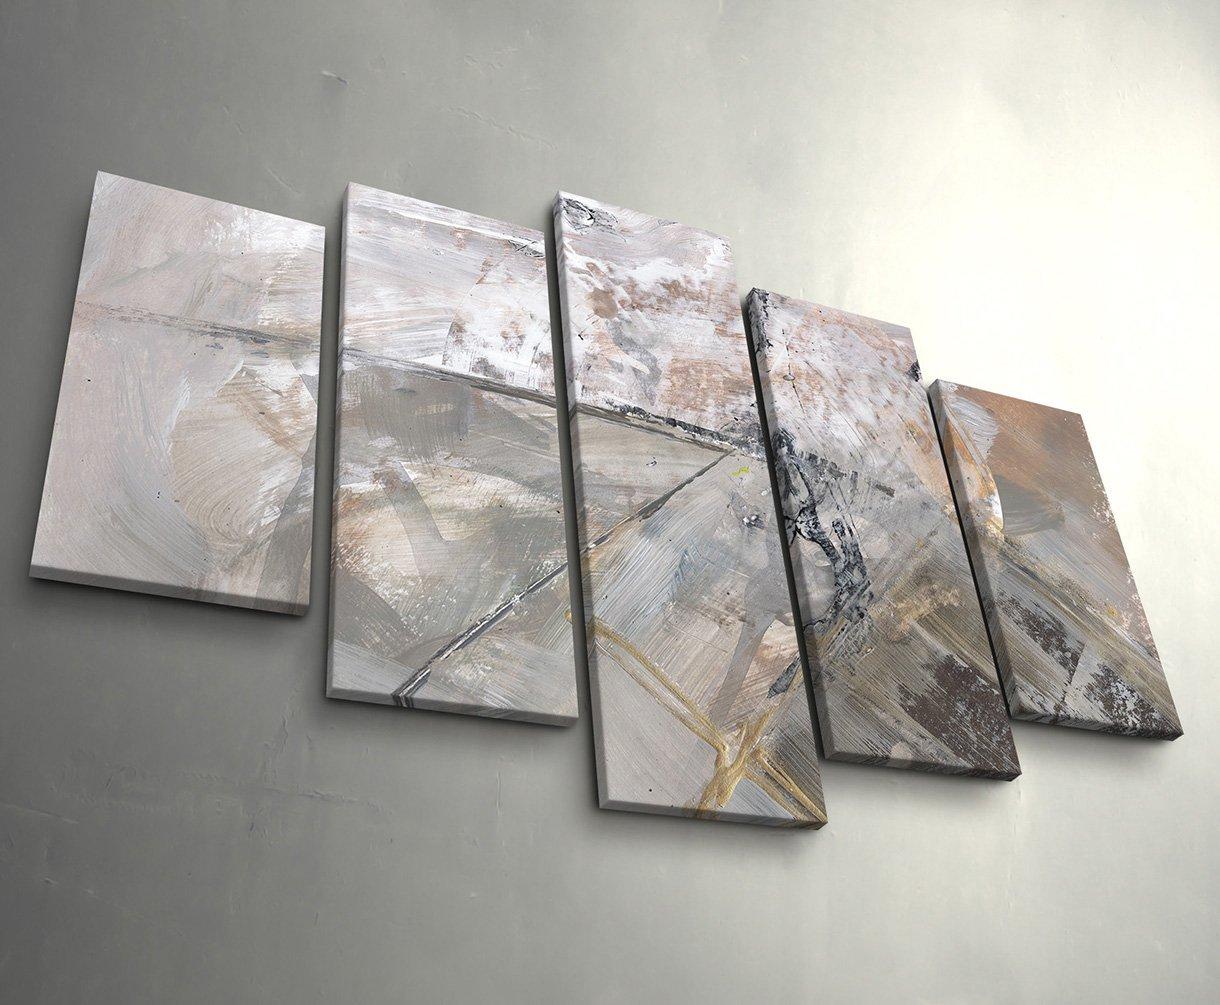 Teil von mir Kunstbild Fotoleinwand Fotoleinwand Fotoleinwand 5 Teile Gesamt  150x100cm 9e23c9